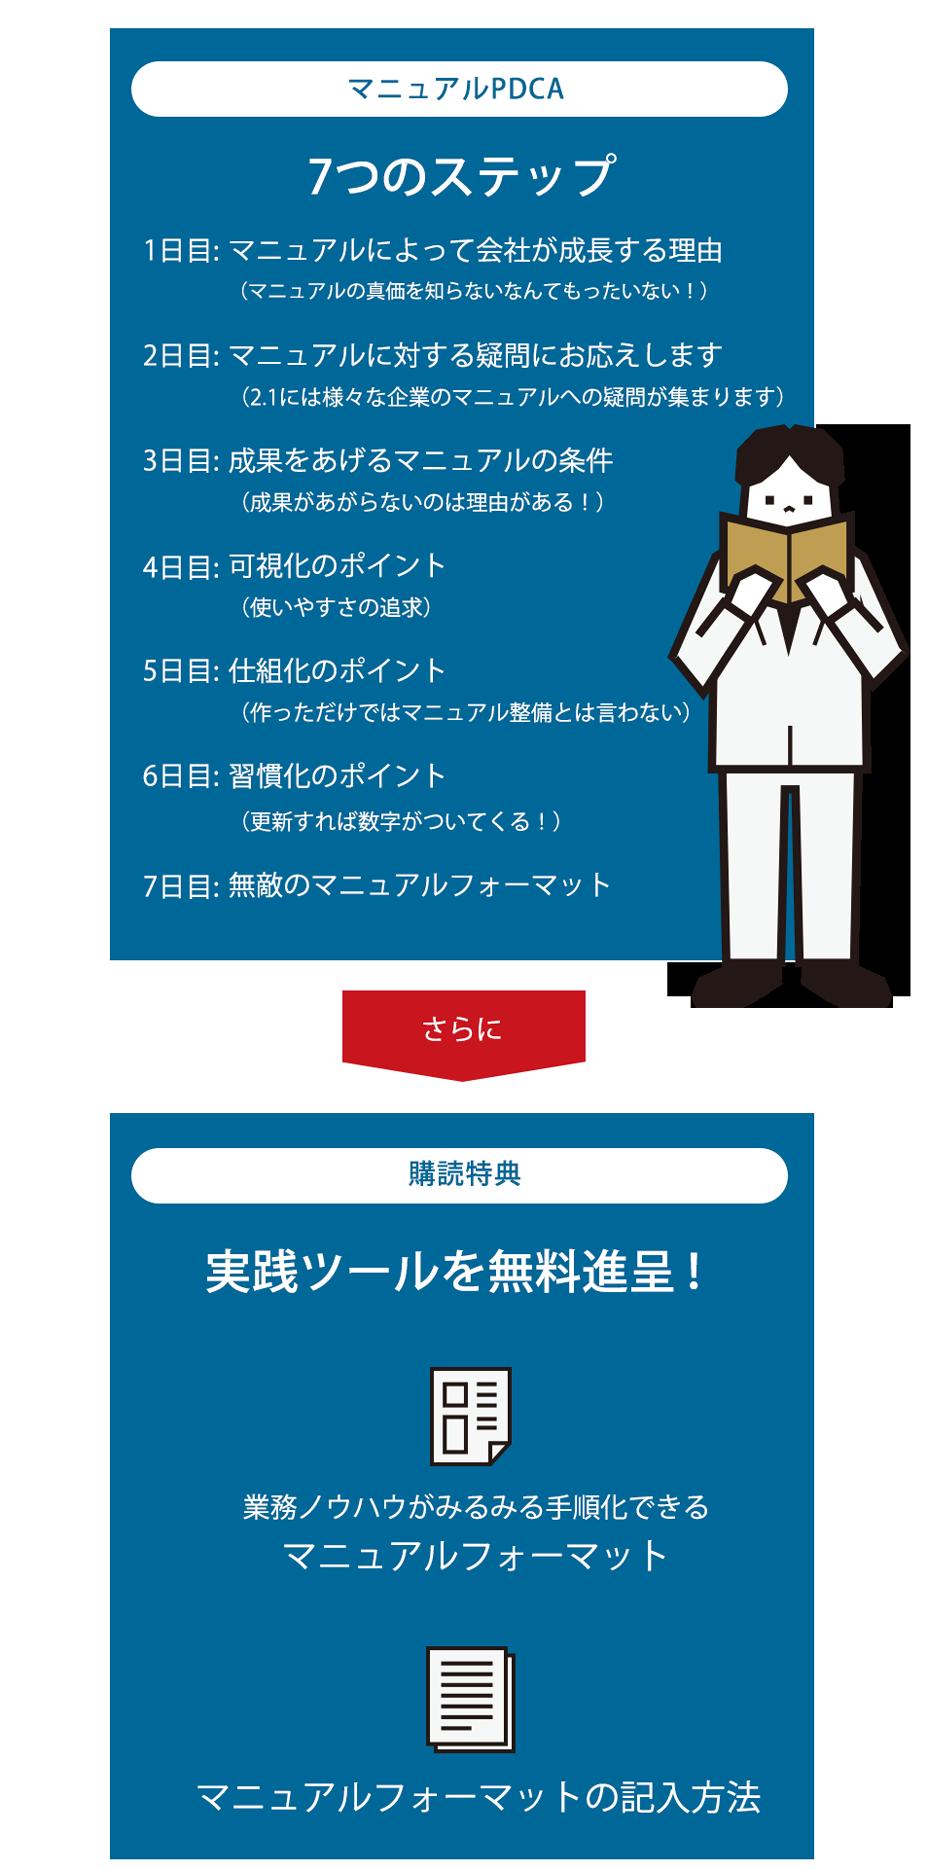 マニュアル整備術 7つのステップ さらに 購読特典 実践テキストを無料進呈!